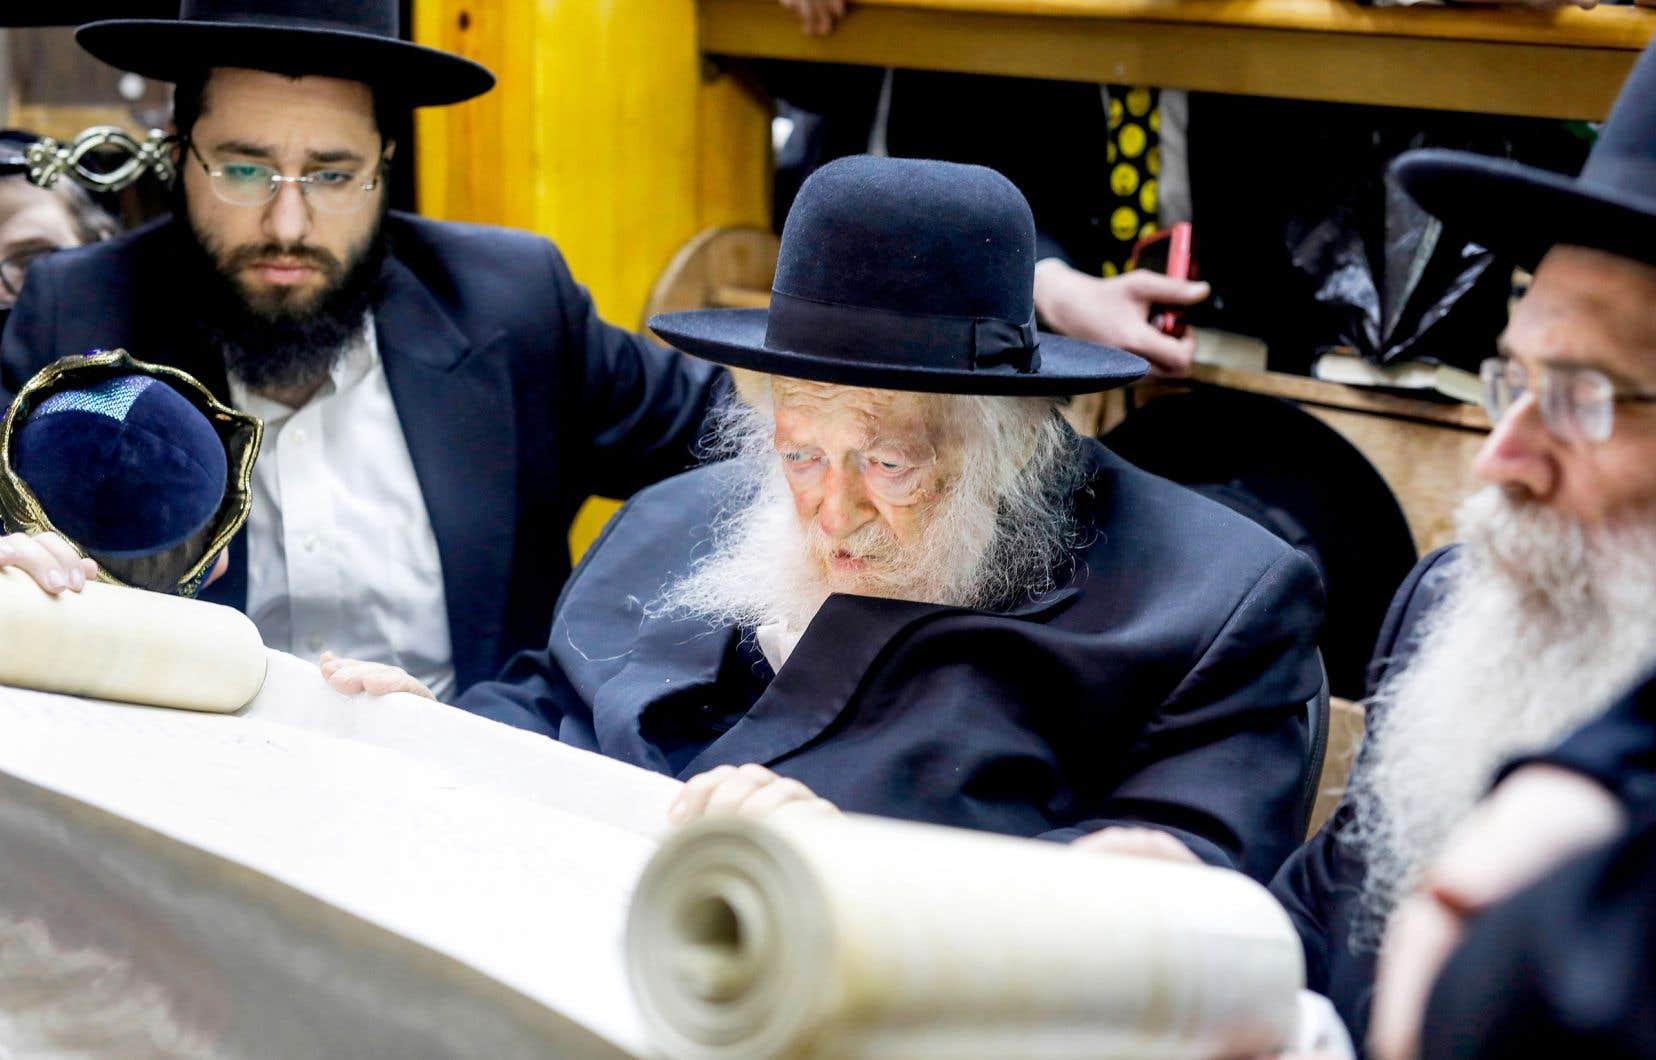 Chaïm Kanievsky, 92 ans, est un influent «maître», voire le «Prince de la Torah», pour ses adeptes, qui respectent à la lettre ses consignes. Il est ici photographié en compagnie de son petit-fils, Yaakov (à gauche).